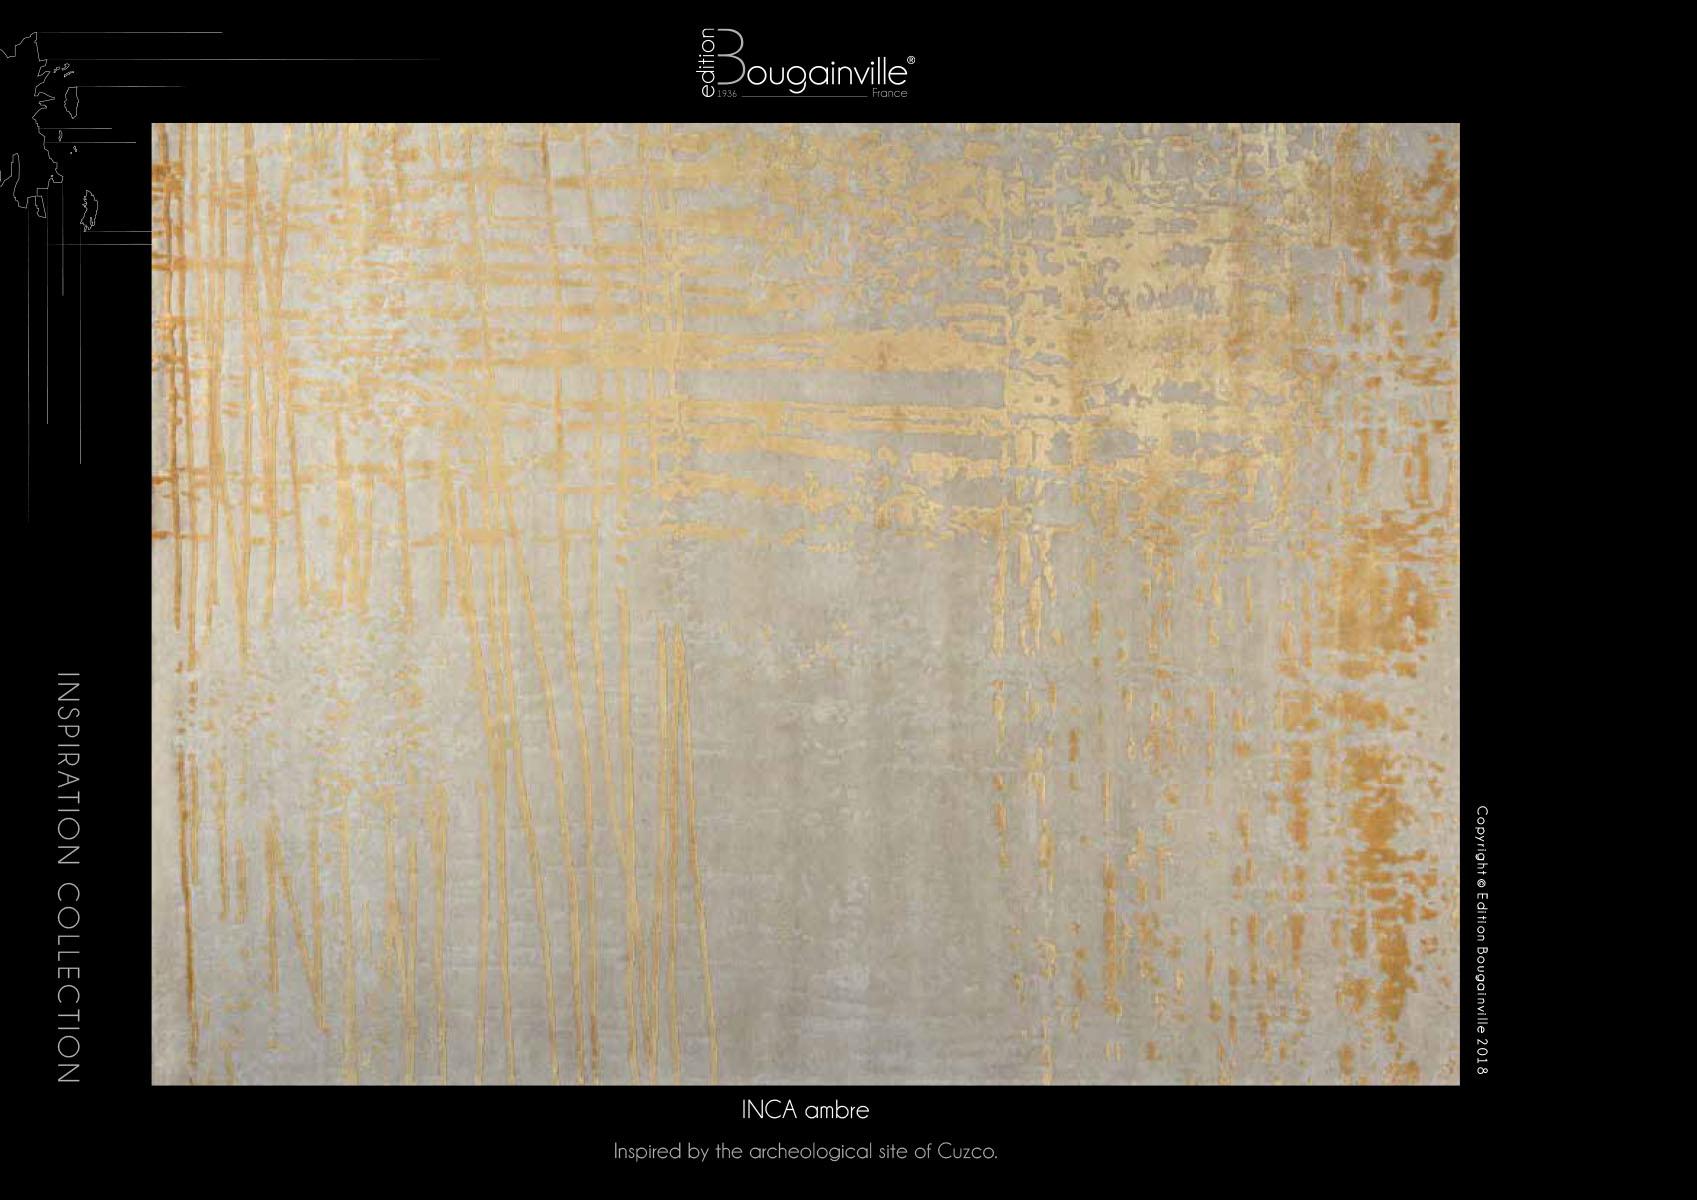 Ковер Edition Bougainville, INCA ambre